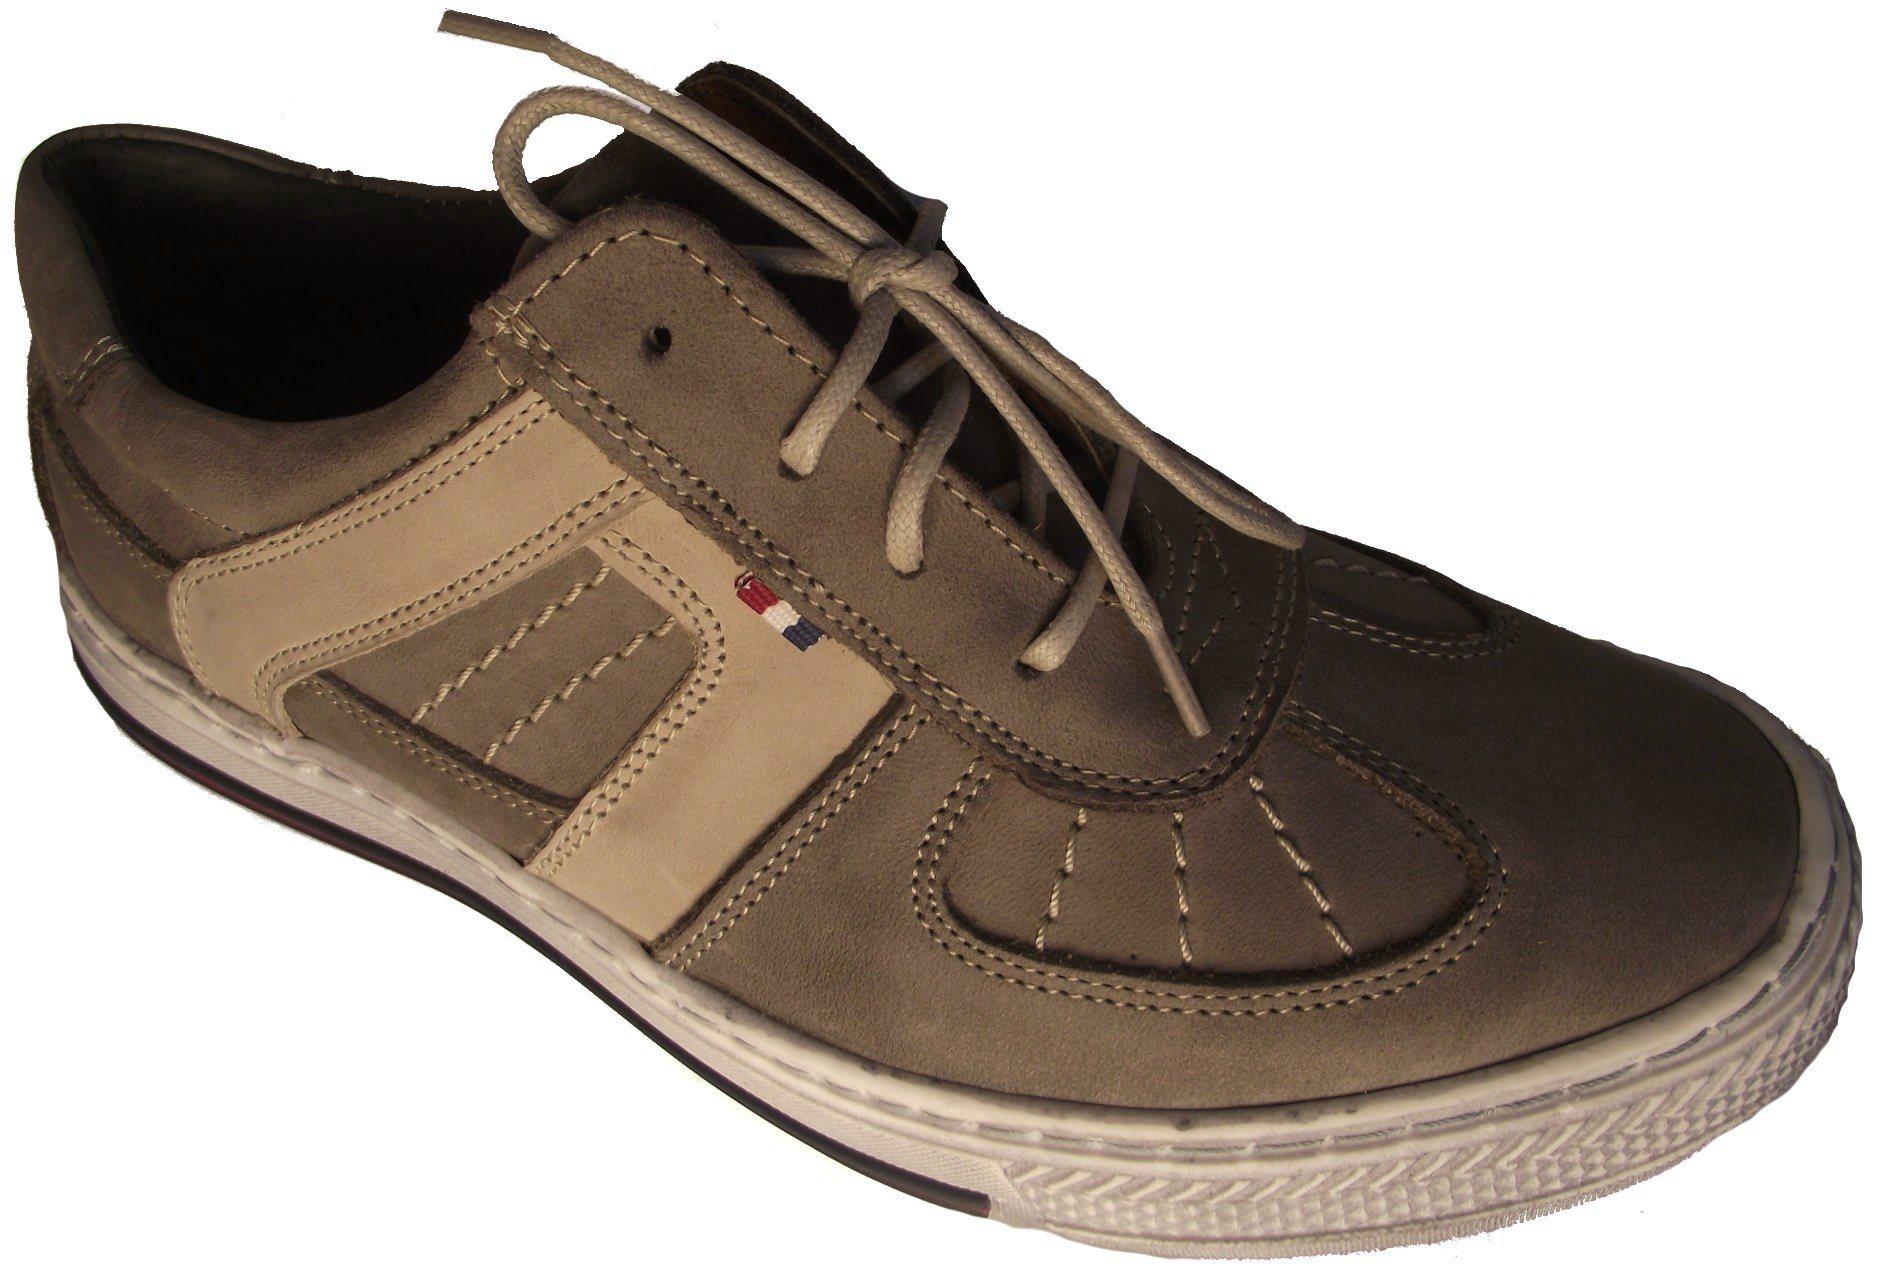 Dámská vycházková obuv NES 3357 Velikost: 40 (EU)